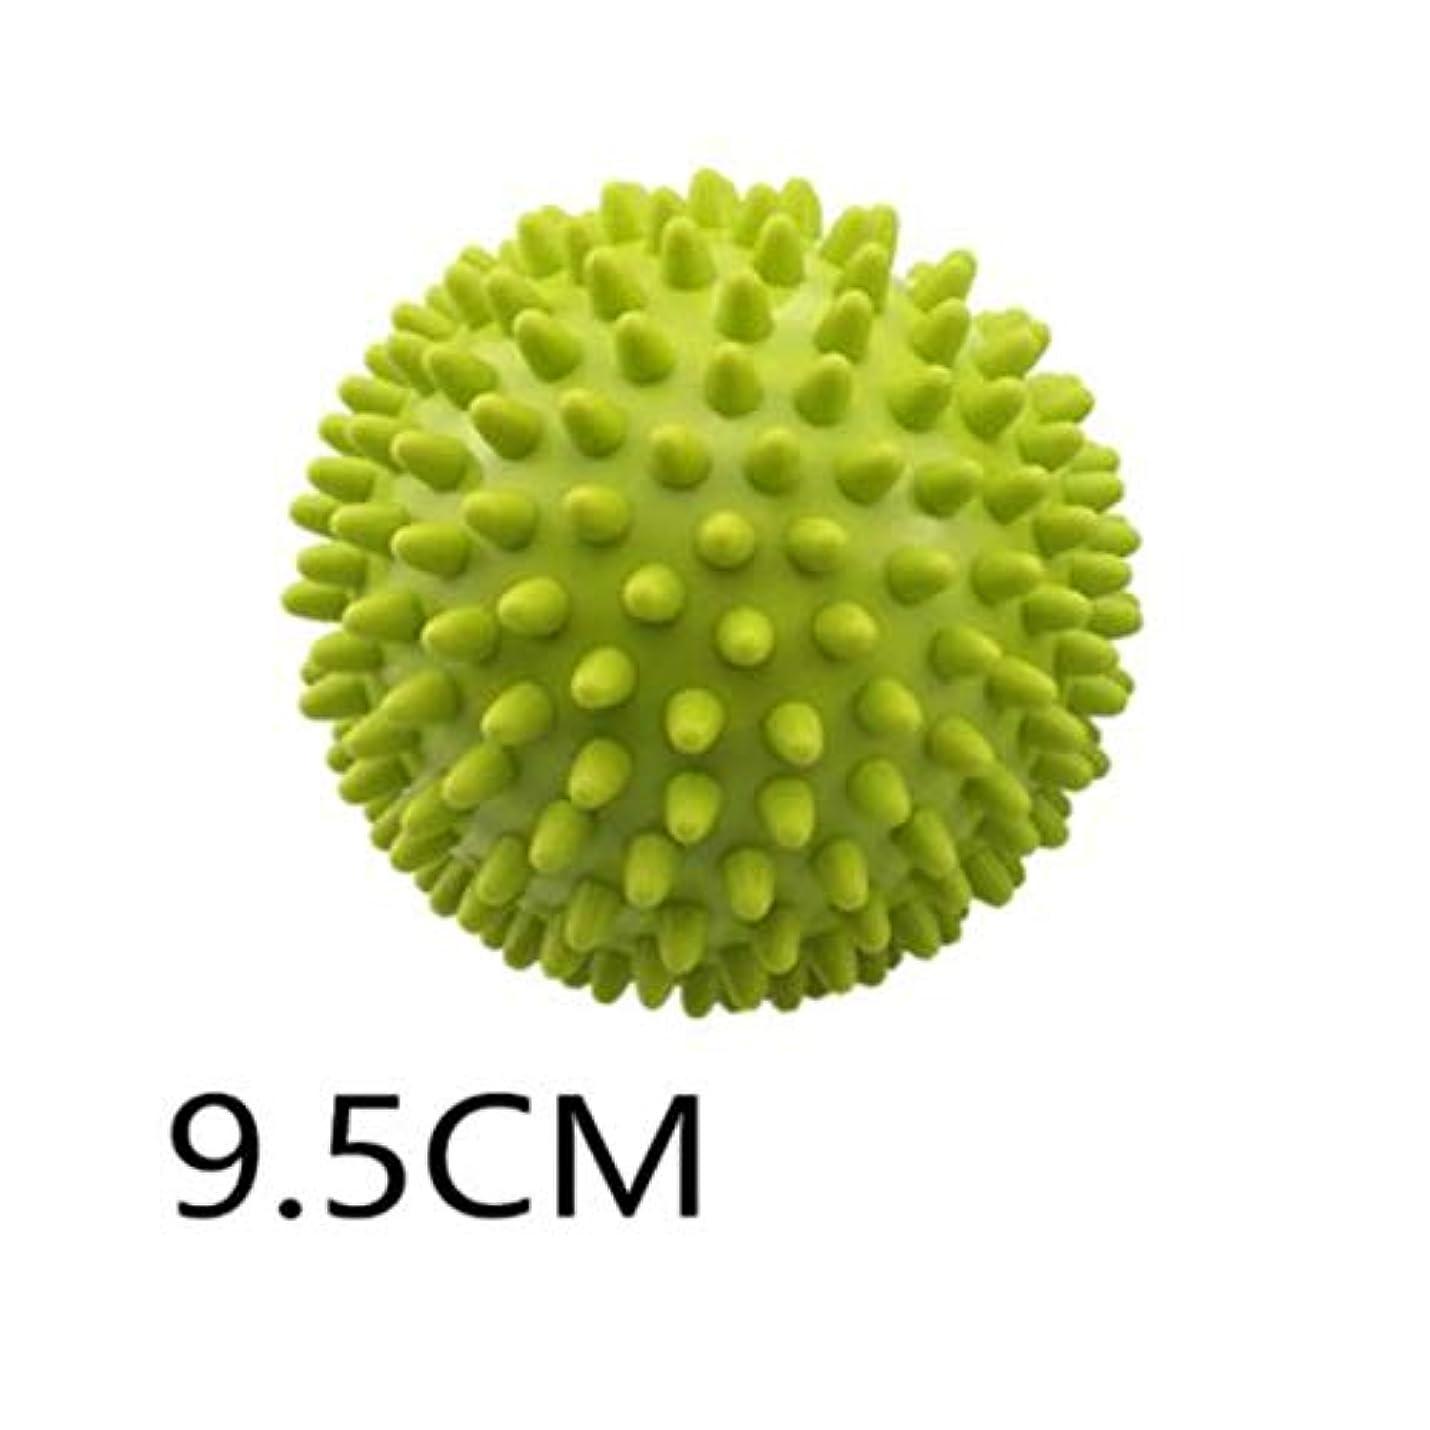 スタッフ家畜記録とげのボール - グリーン